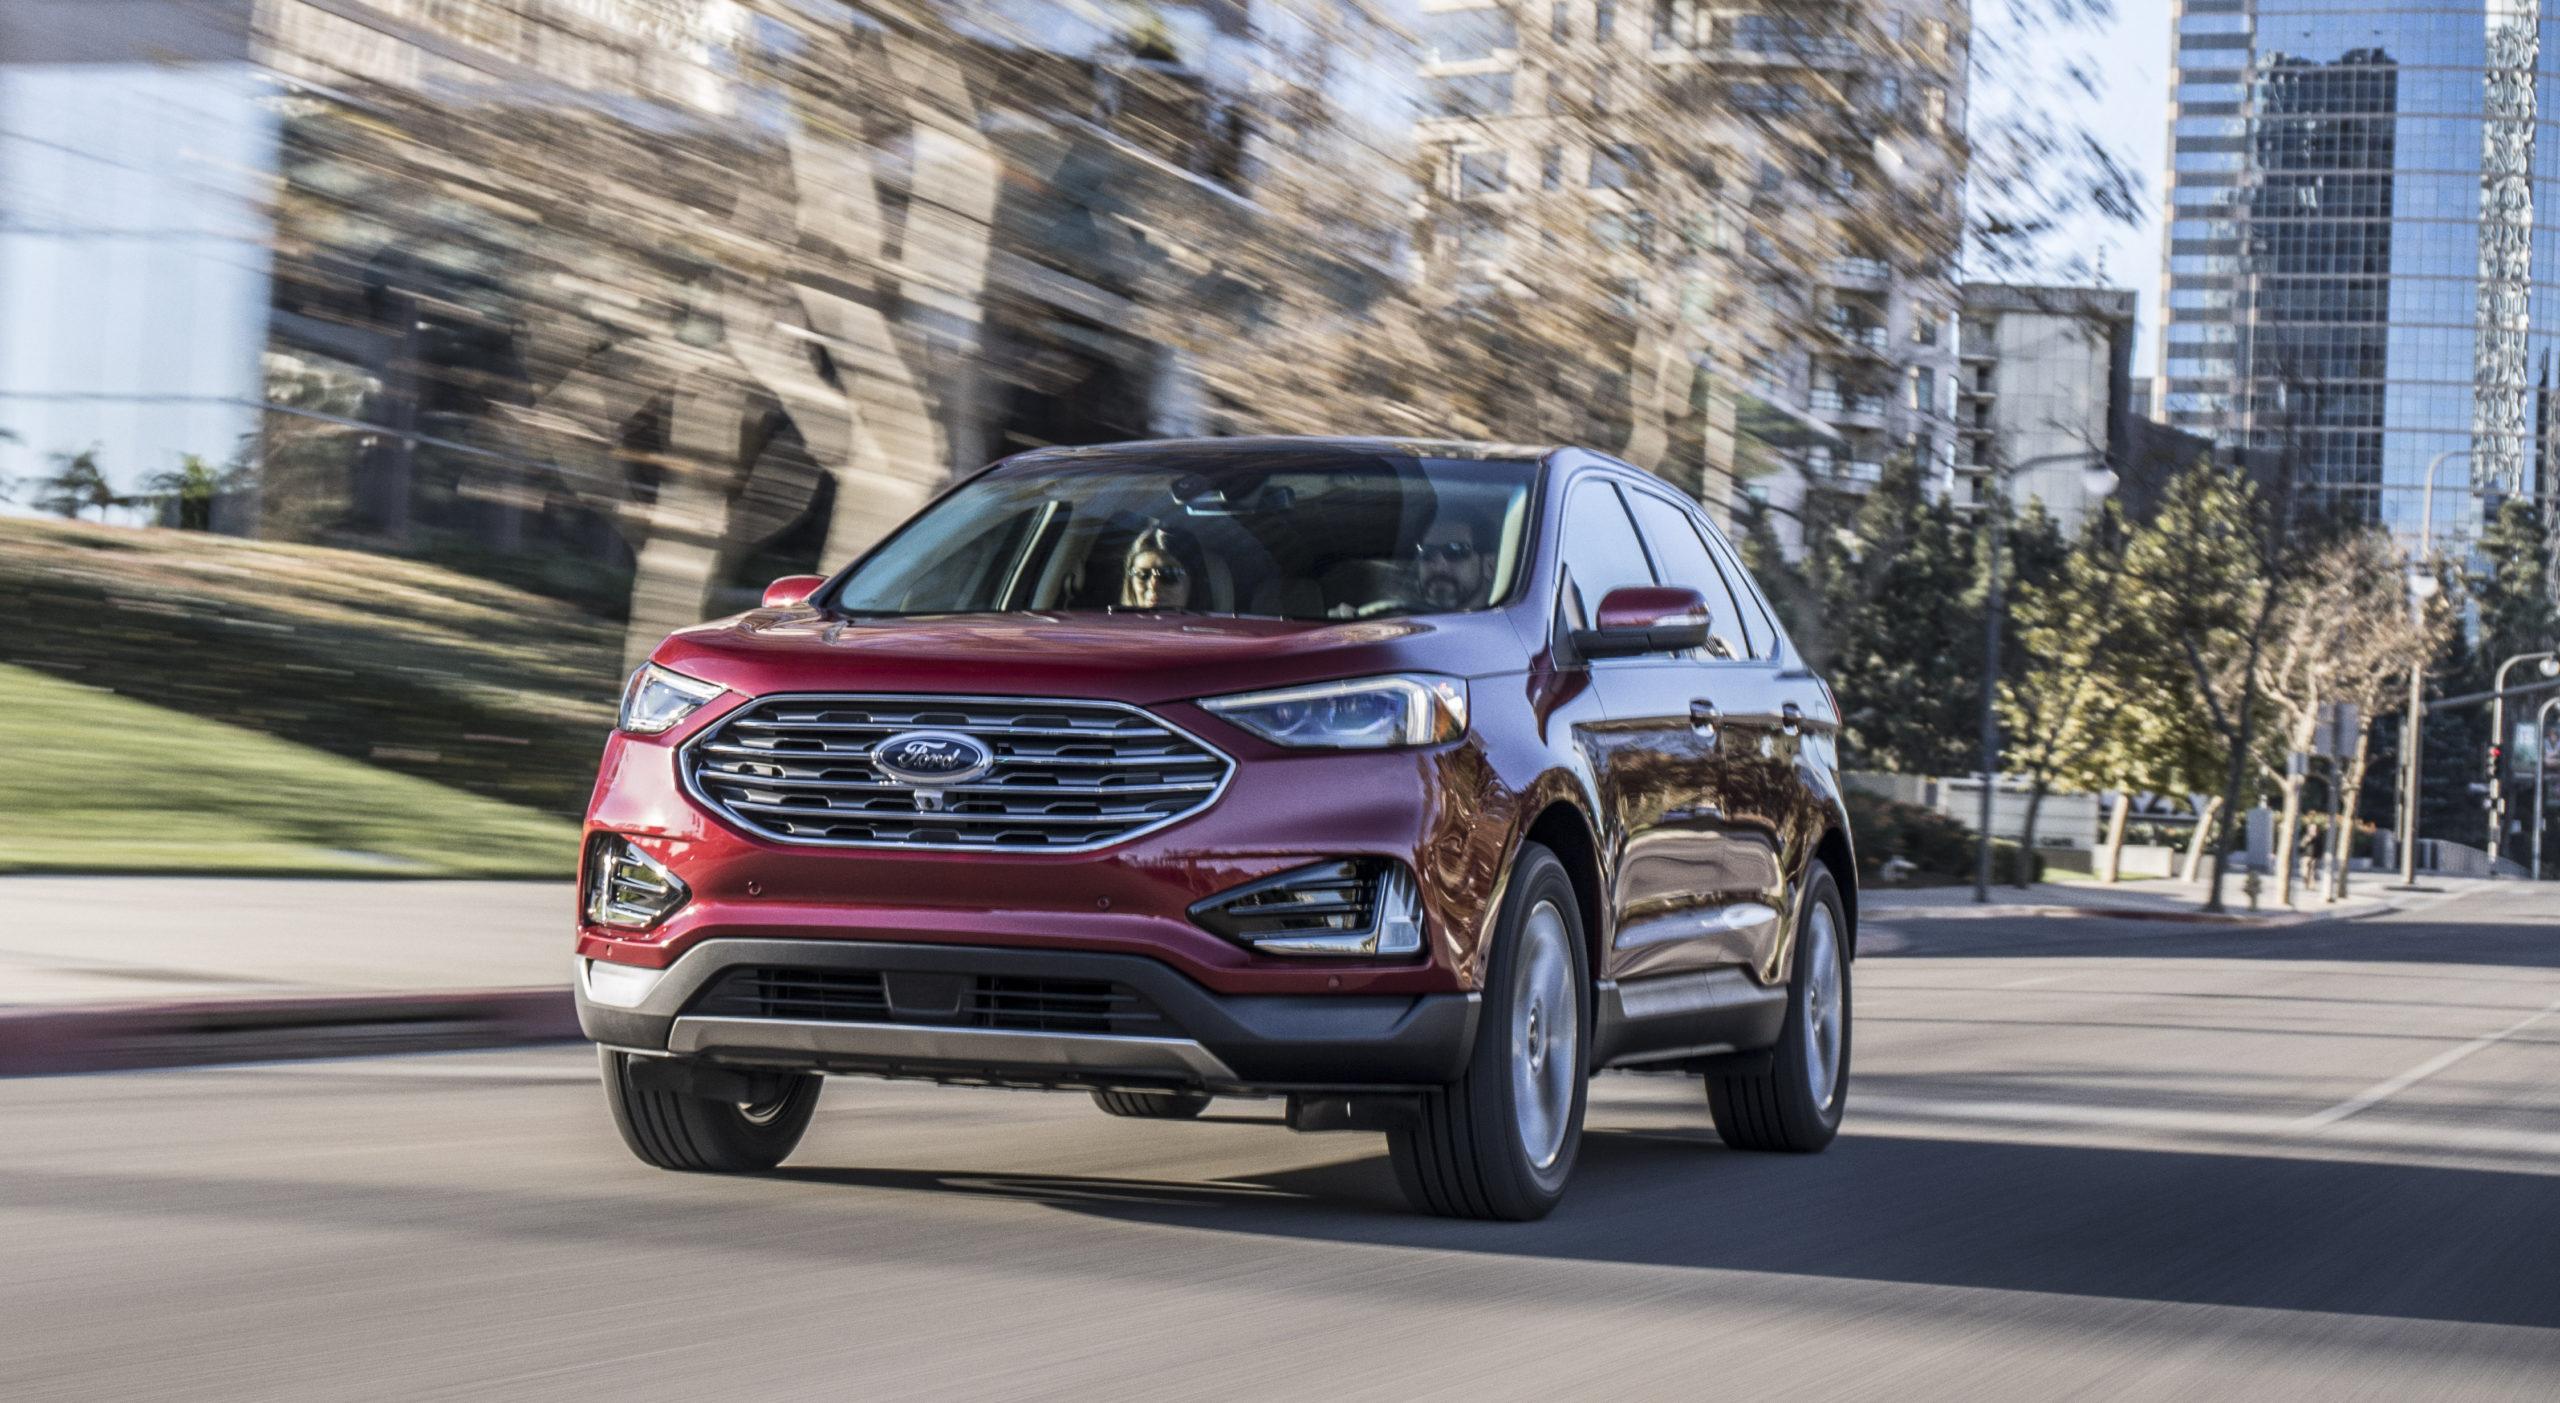 Ford Et Lincoln Préparent 2 Vus Électriques Pour 2023